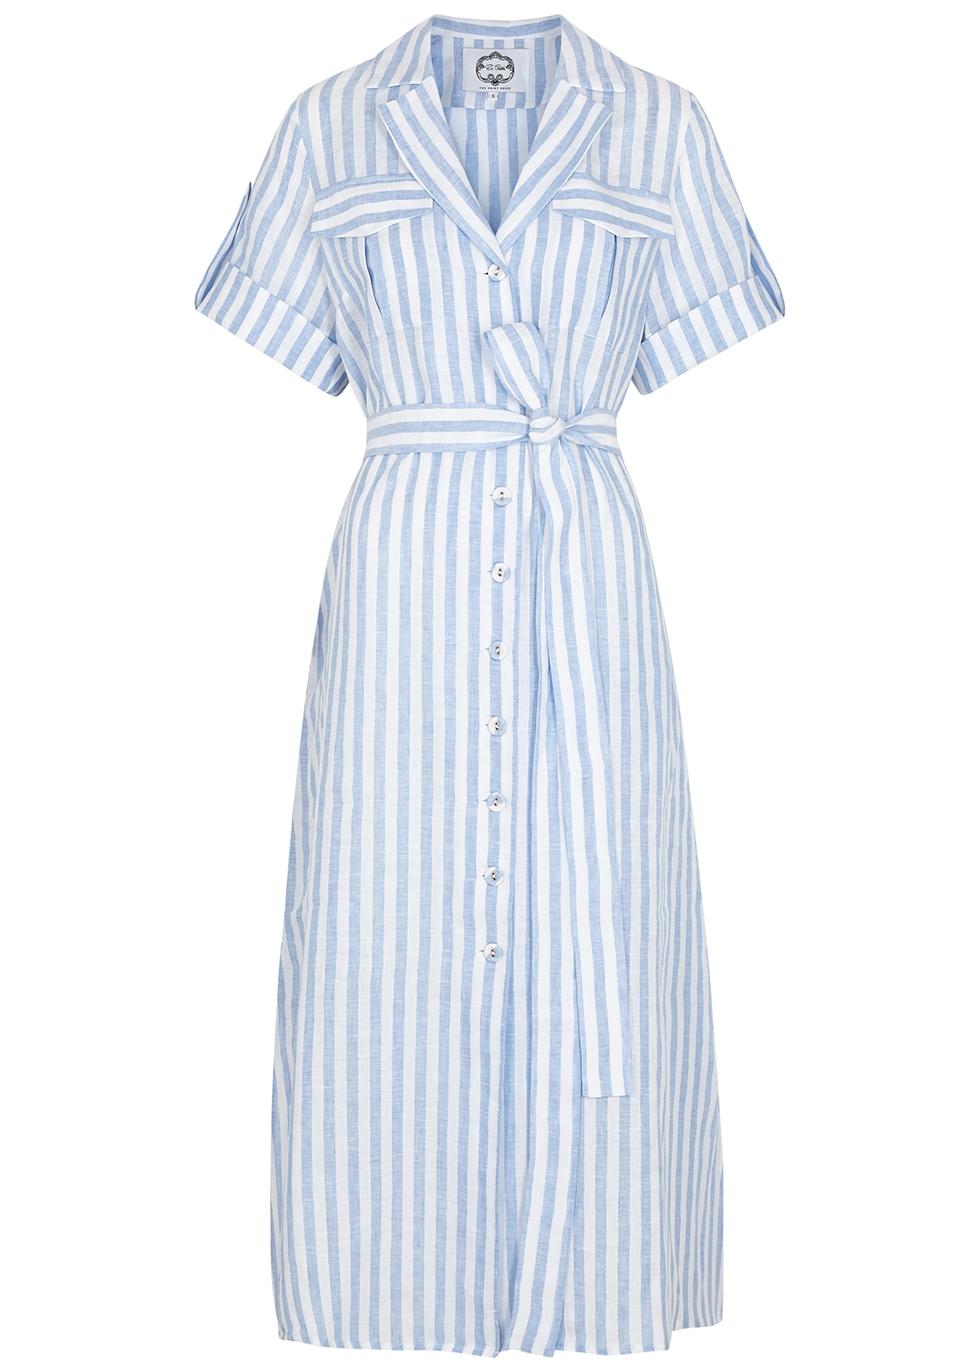 Blue striped linen shirt dress